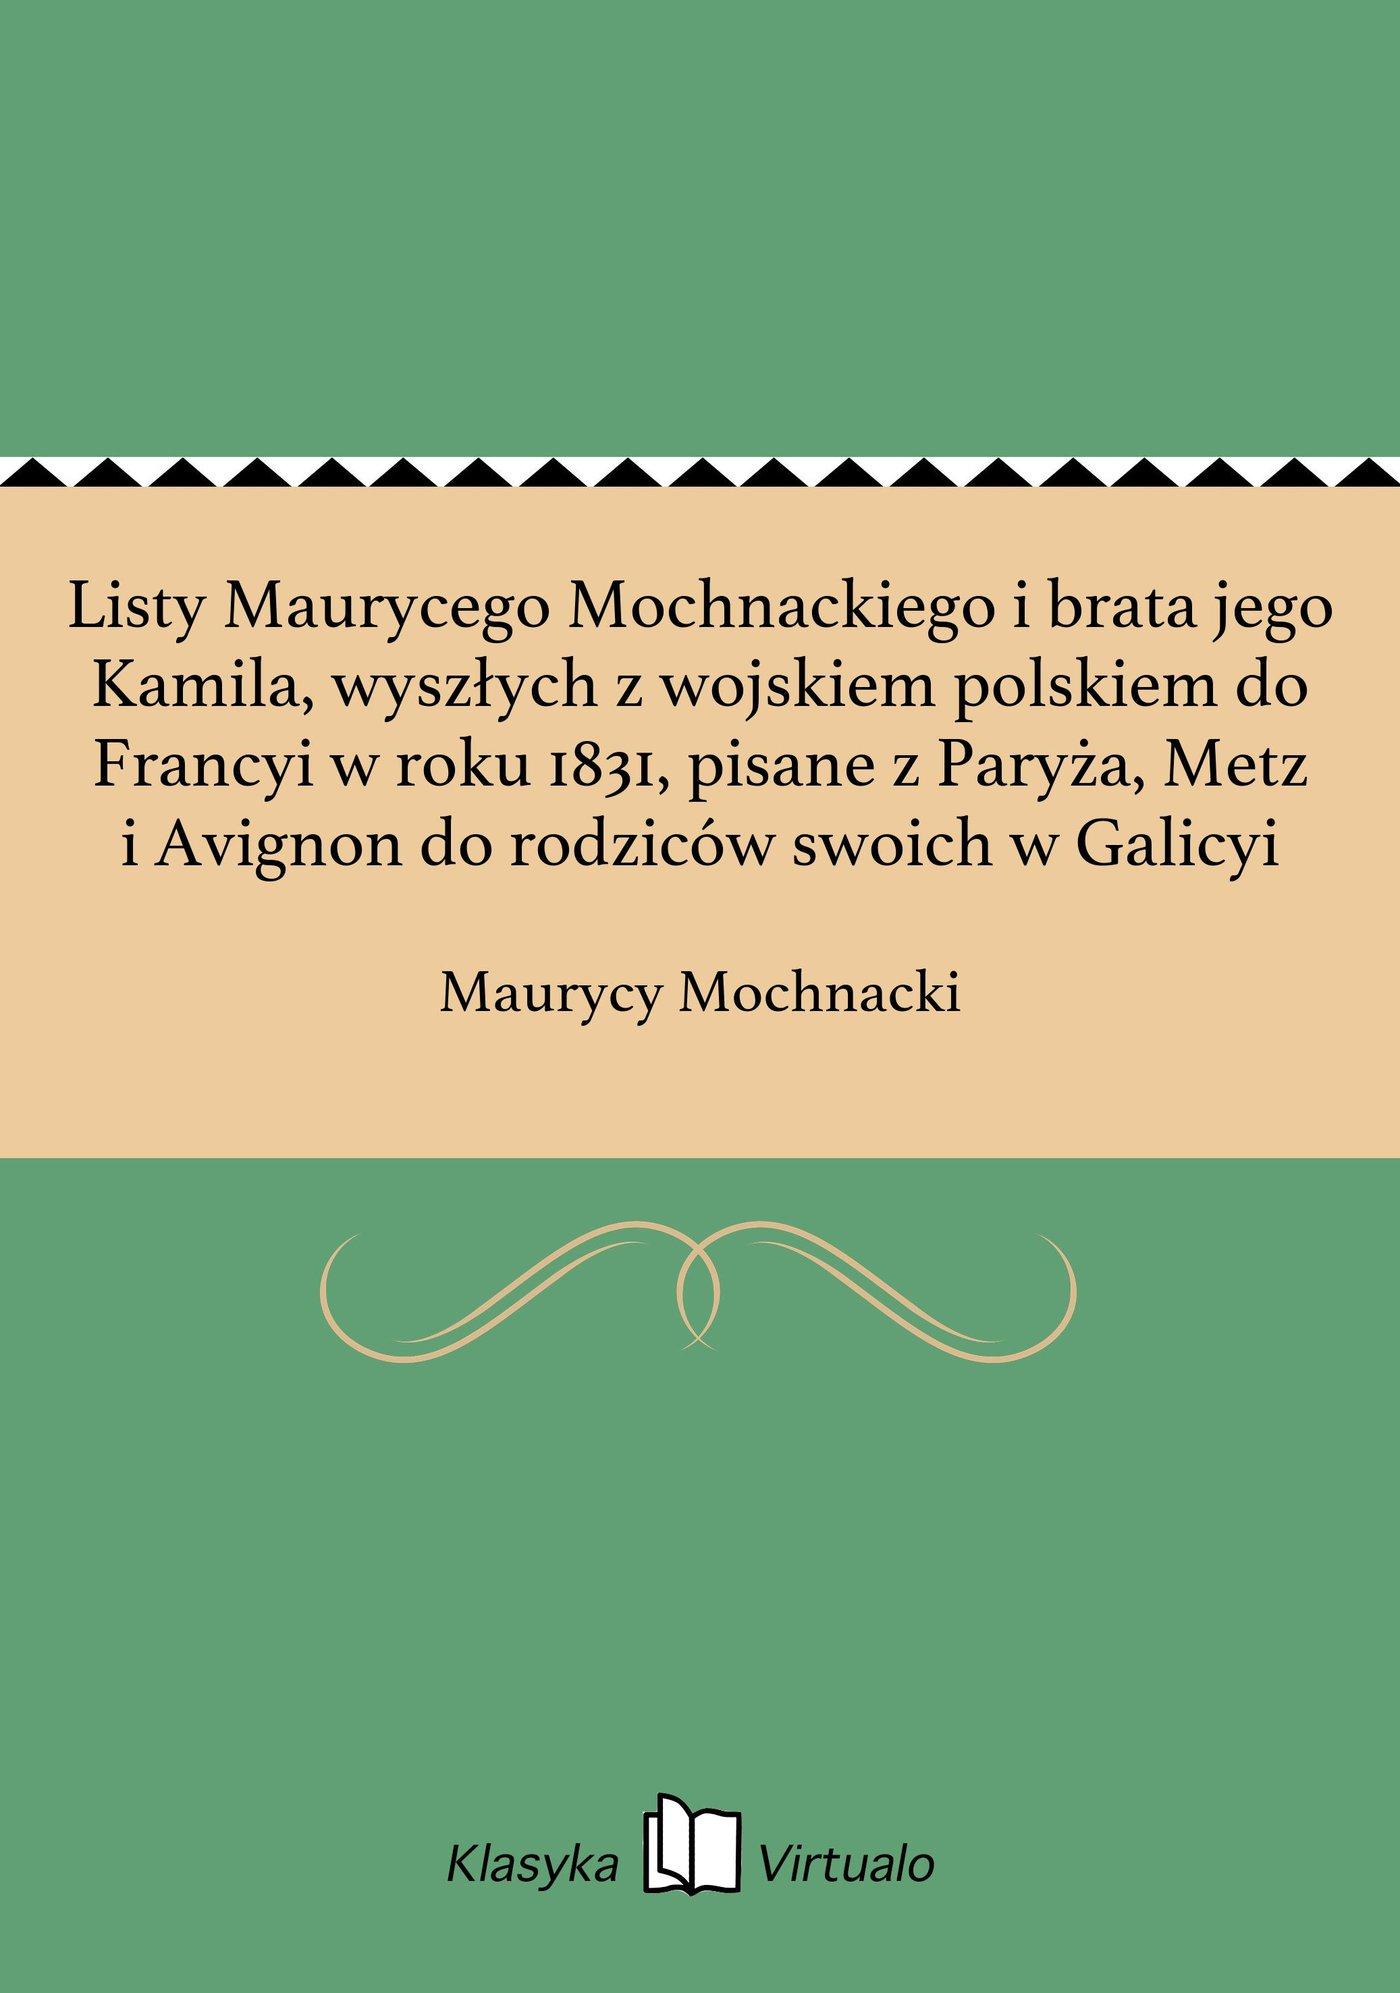 Listy Maurycego Mochnackiego i brata jego Kamila, wyszłych z wojskiem polskiem do Francyi w roku 1831, pisane z Paryża, Metz i Avignon do rodziców swoich w Galicyi - Ebook (Książka EPUB) do pobrania w formacie EPUB